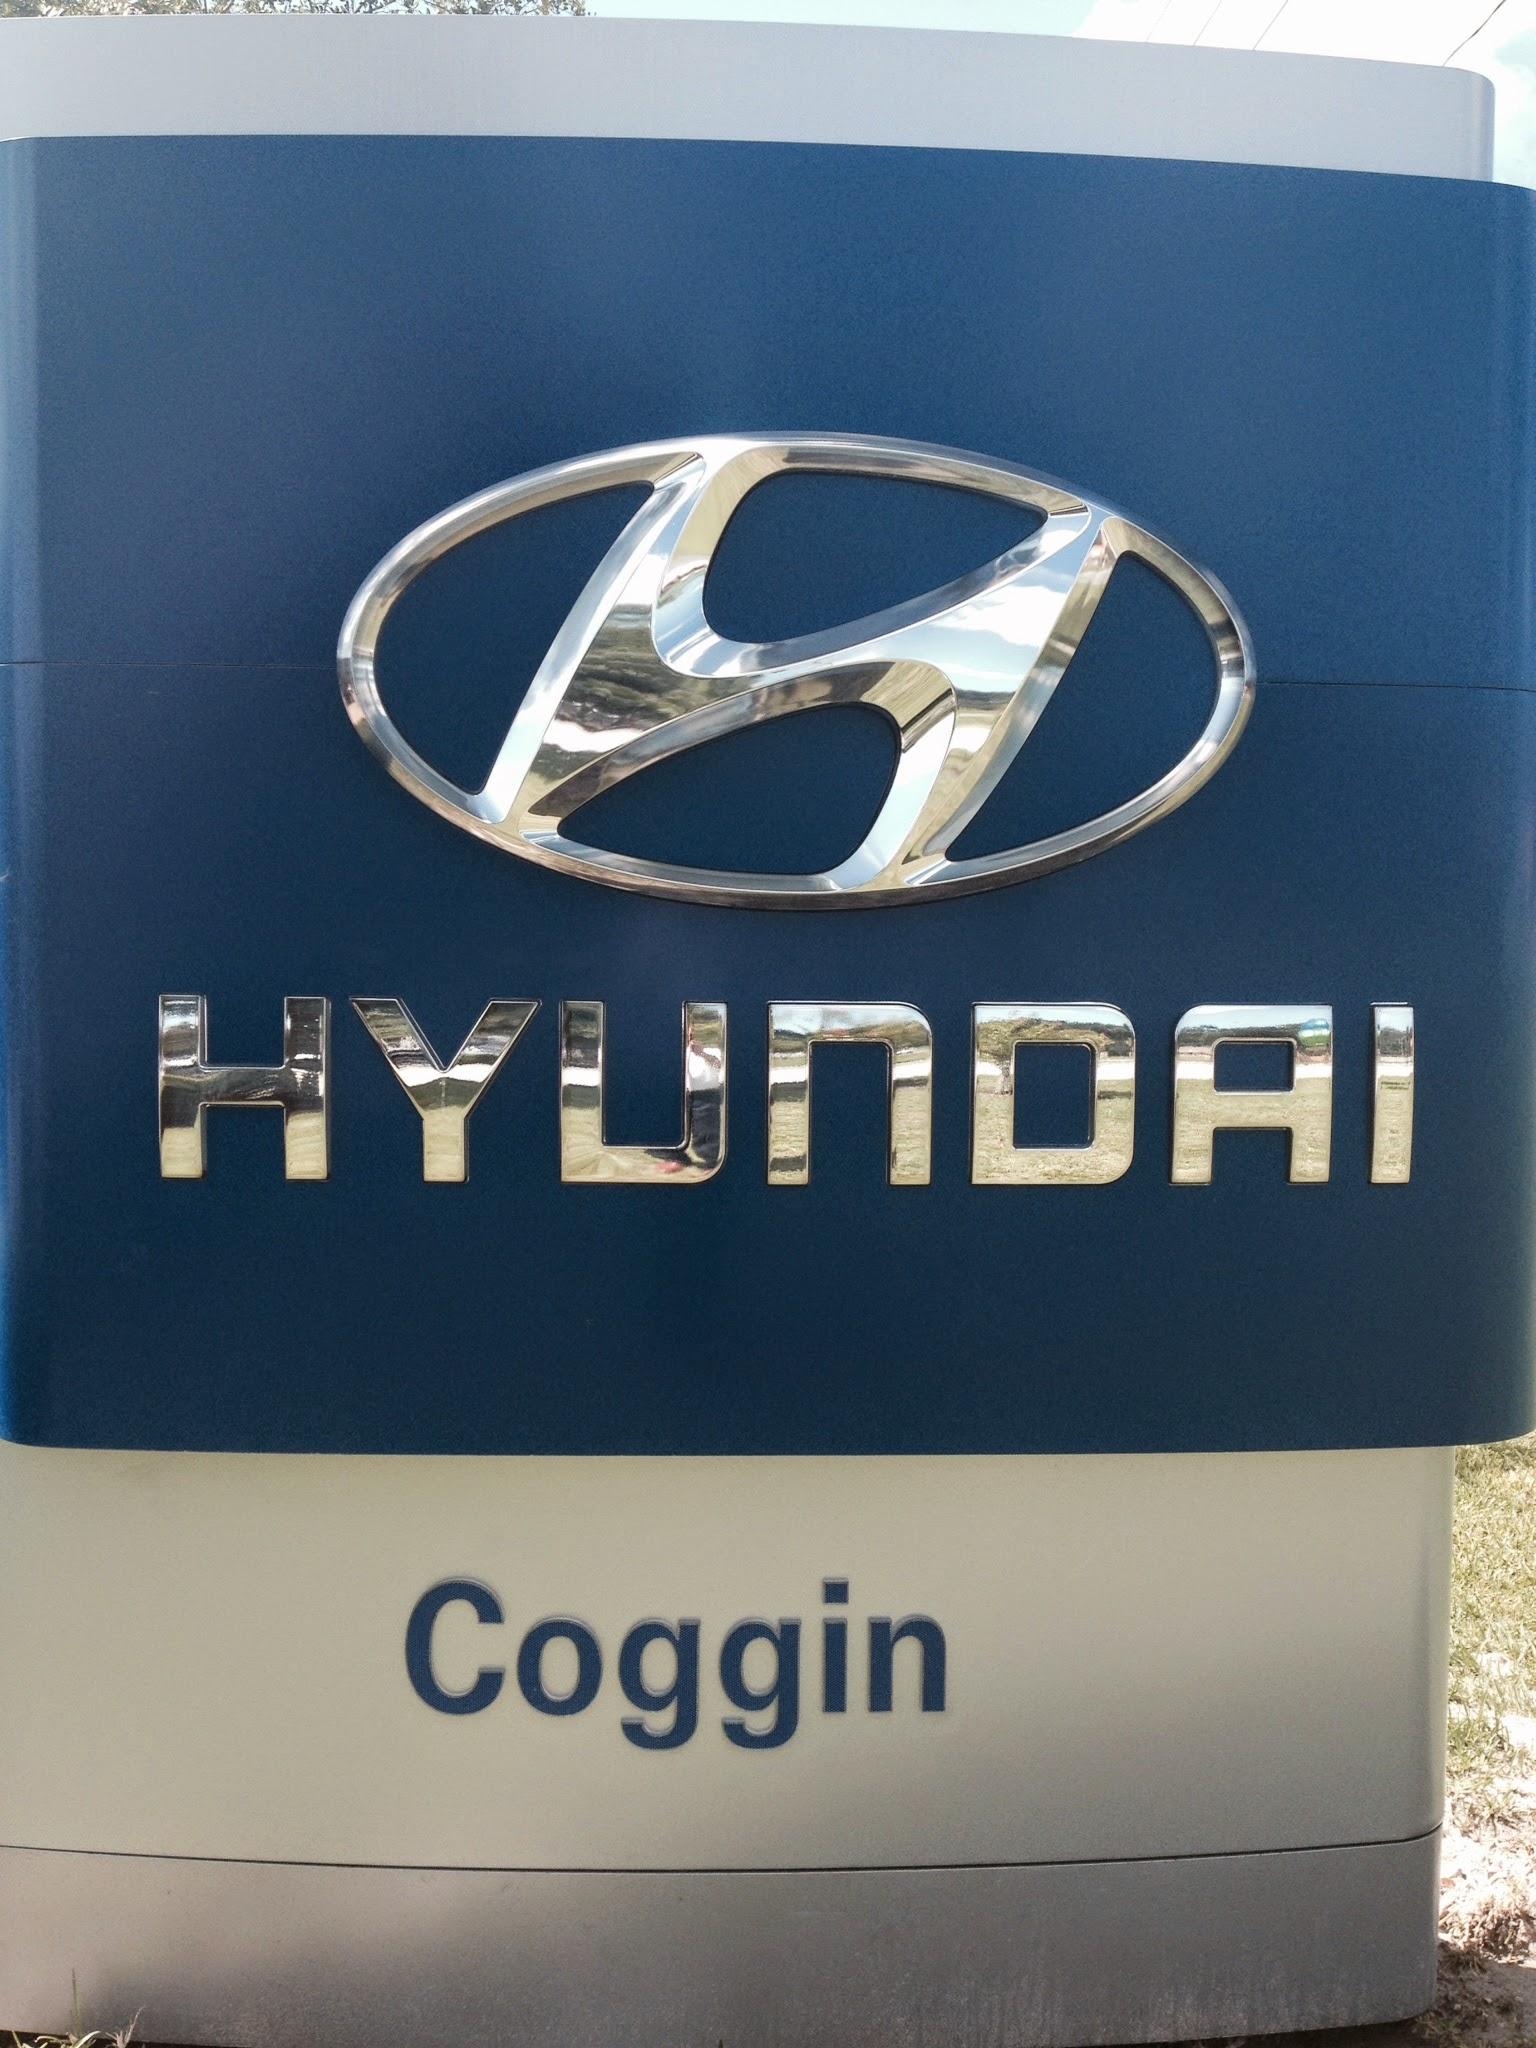 Coggin Deland Hyundai image 14